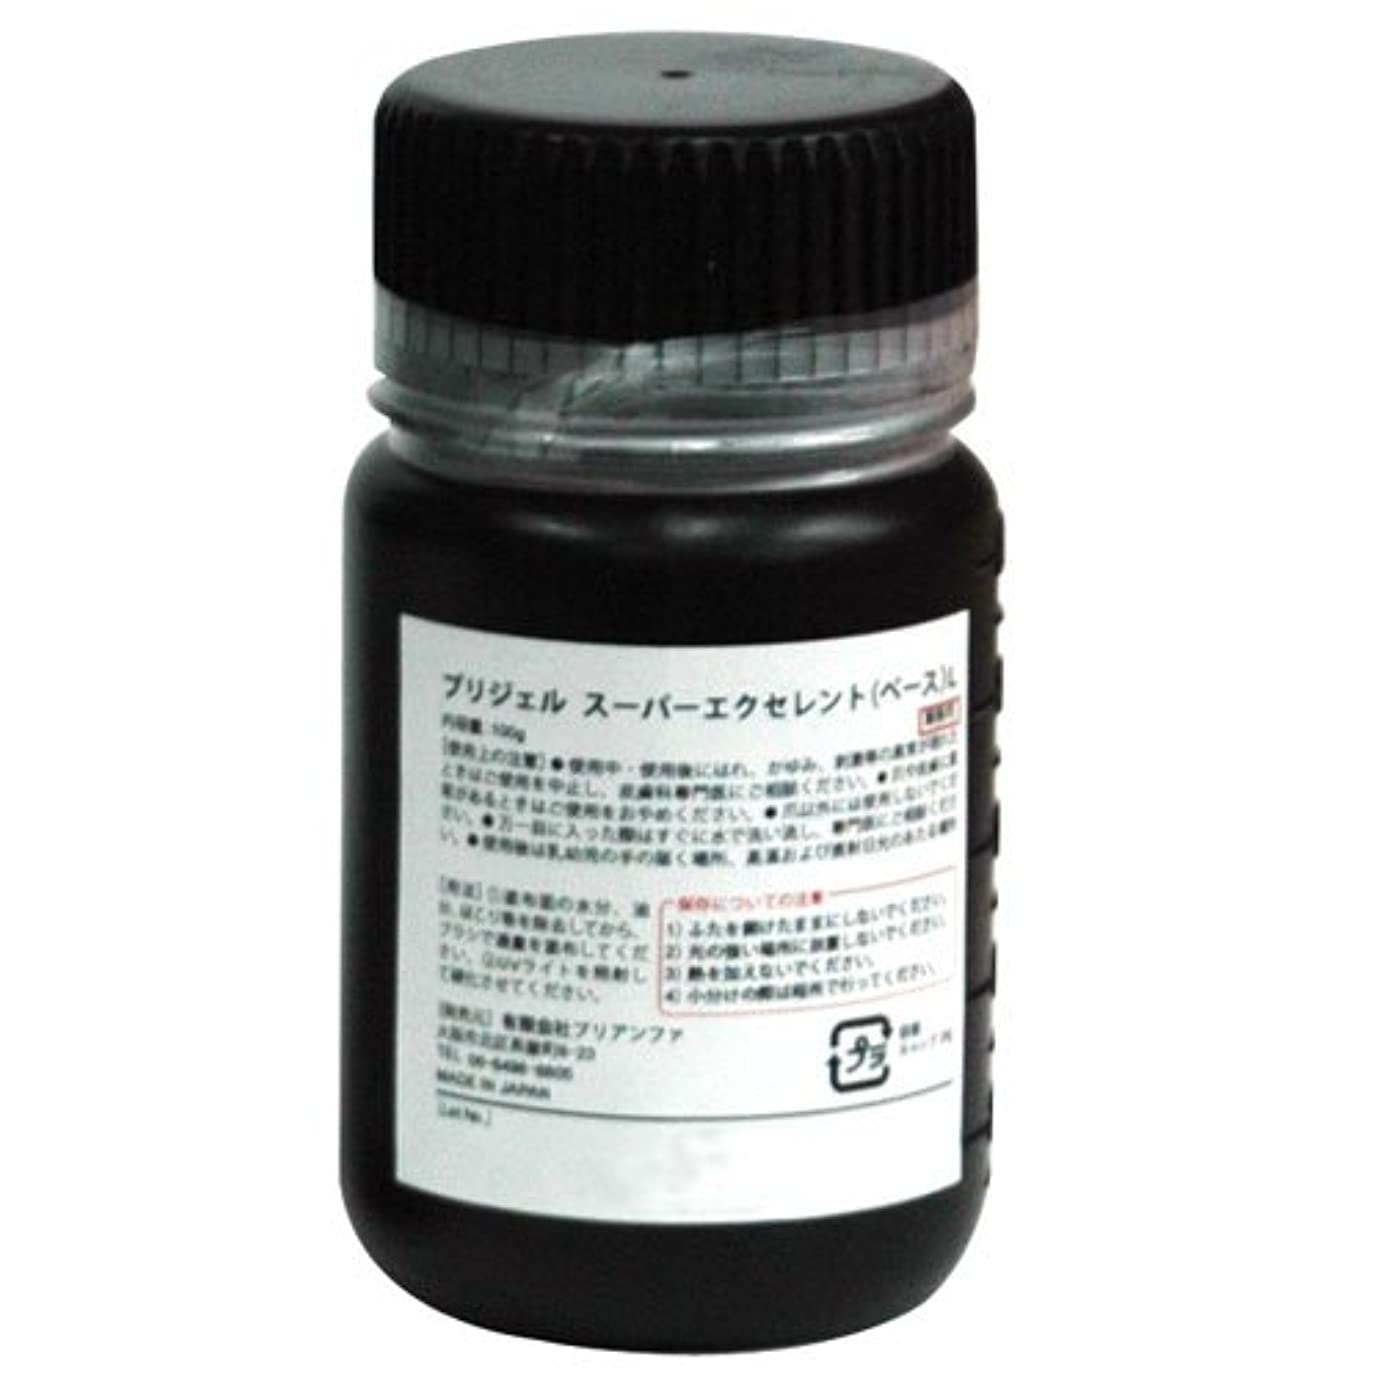 ジョセフバンクス優雅なジョセフバンクスプリジェル ジェルネイル スーパーエクセレントベース l 100g PG-0SE-100L